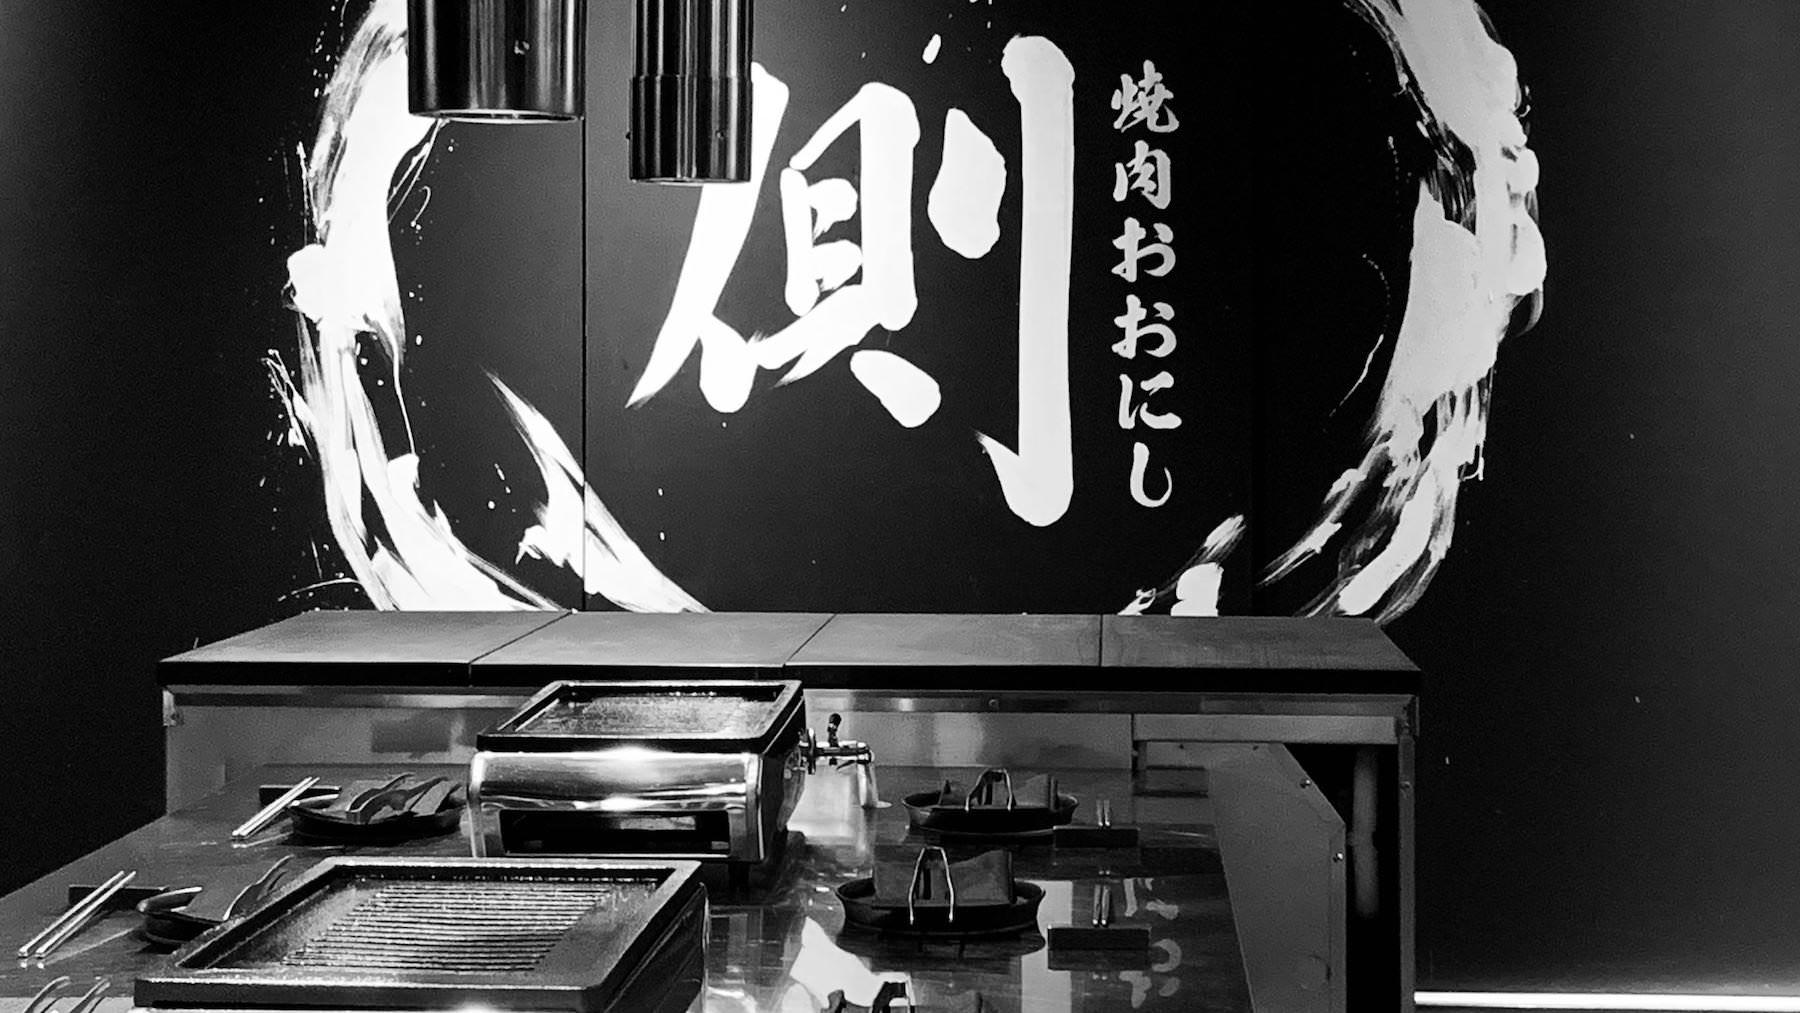 焼肉おおにし 側の1枚目のカバー写真